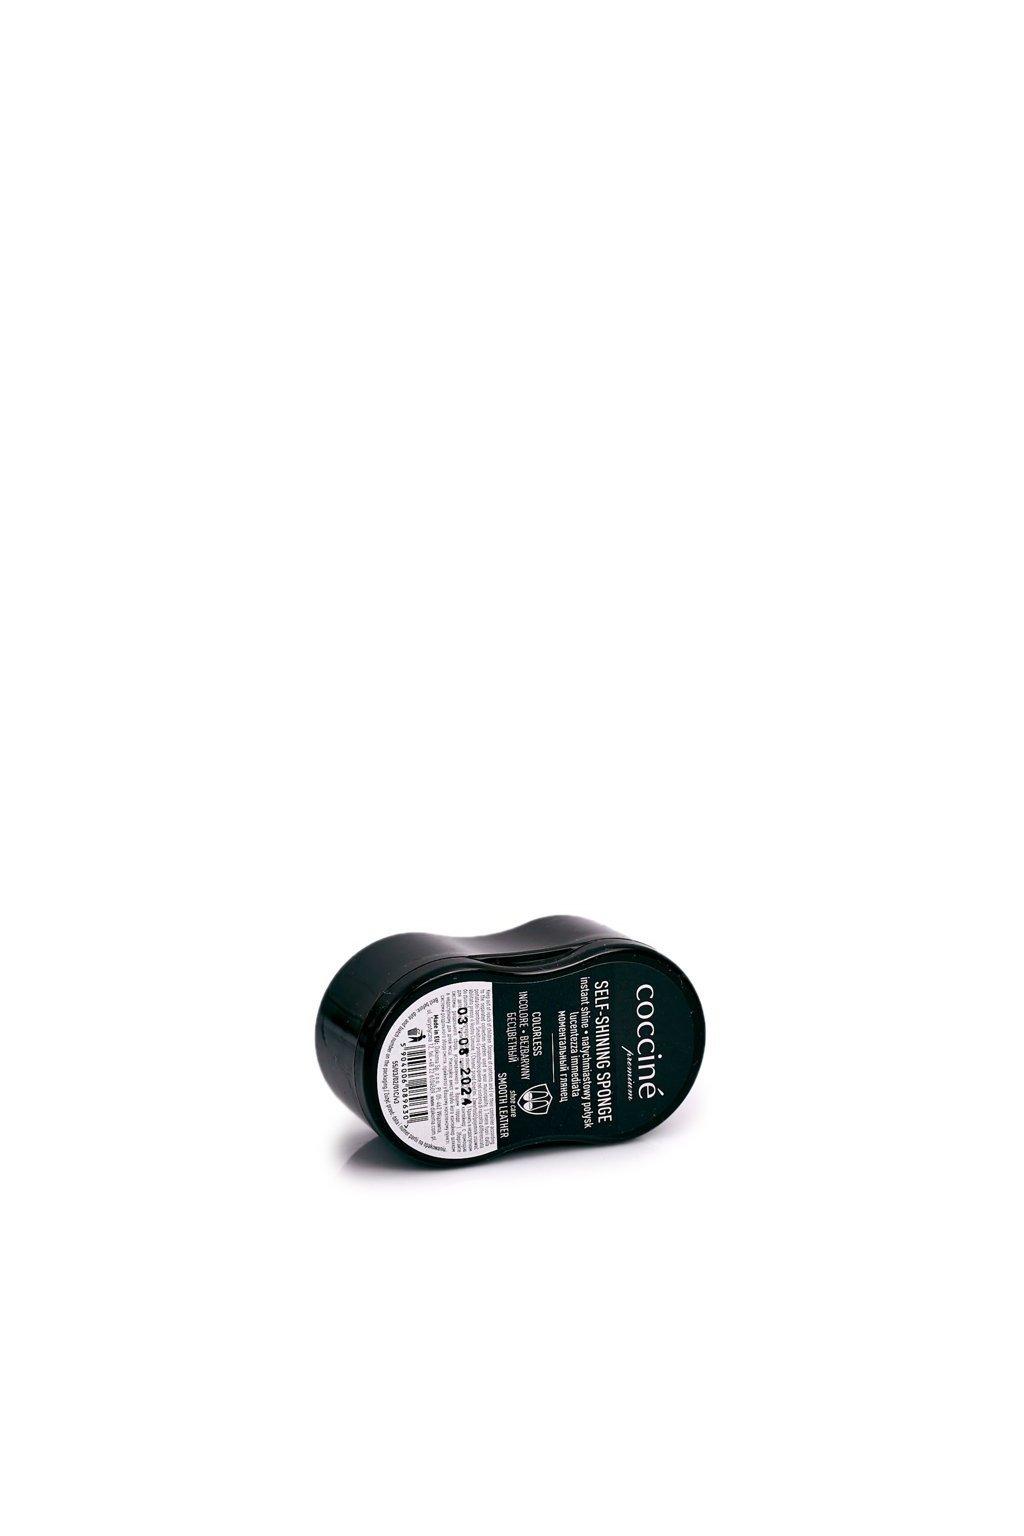 Kefa na čistenie obuvi bezbarvá kód BS55/03/02 COCCINE SHINING SPONGE MAŁY